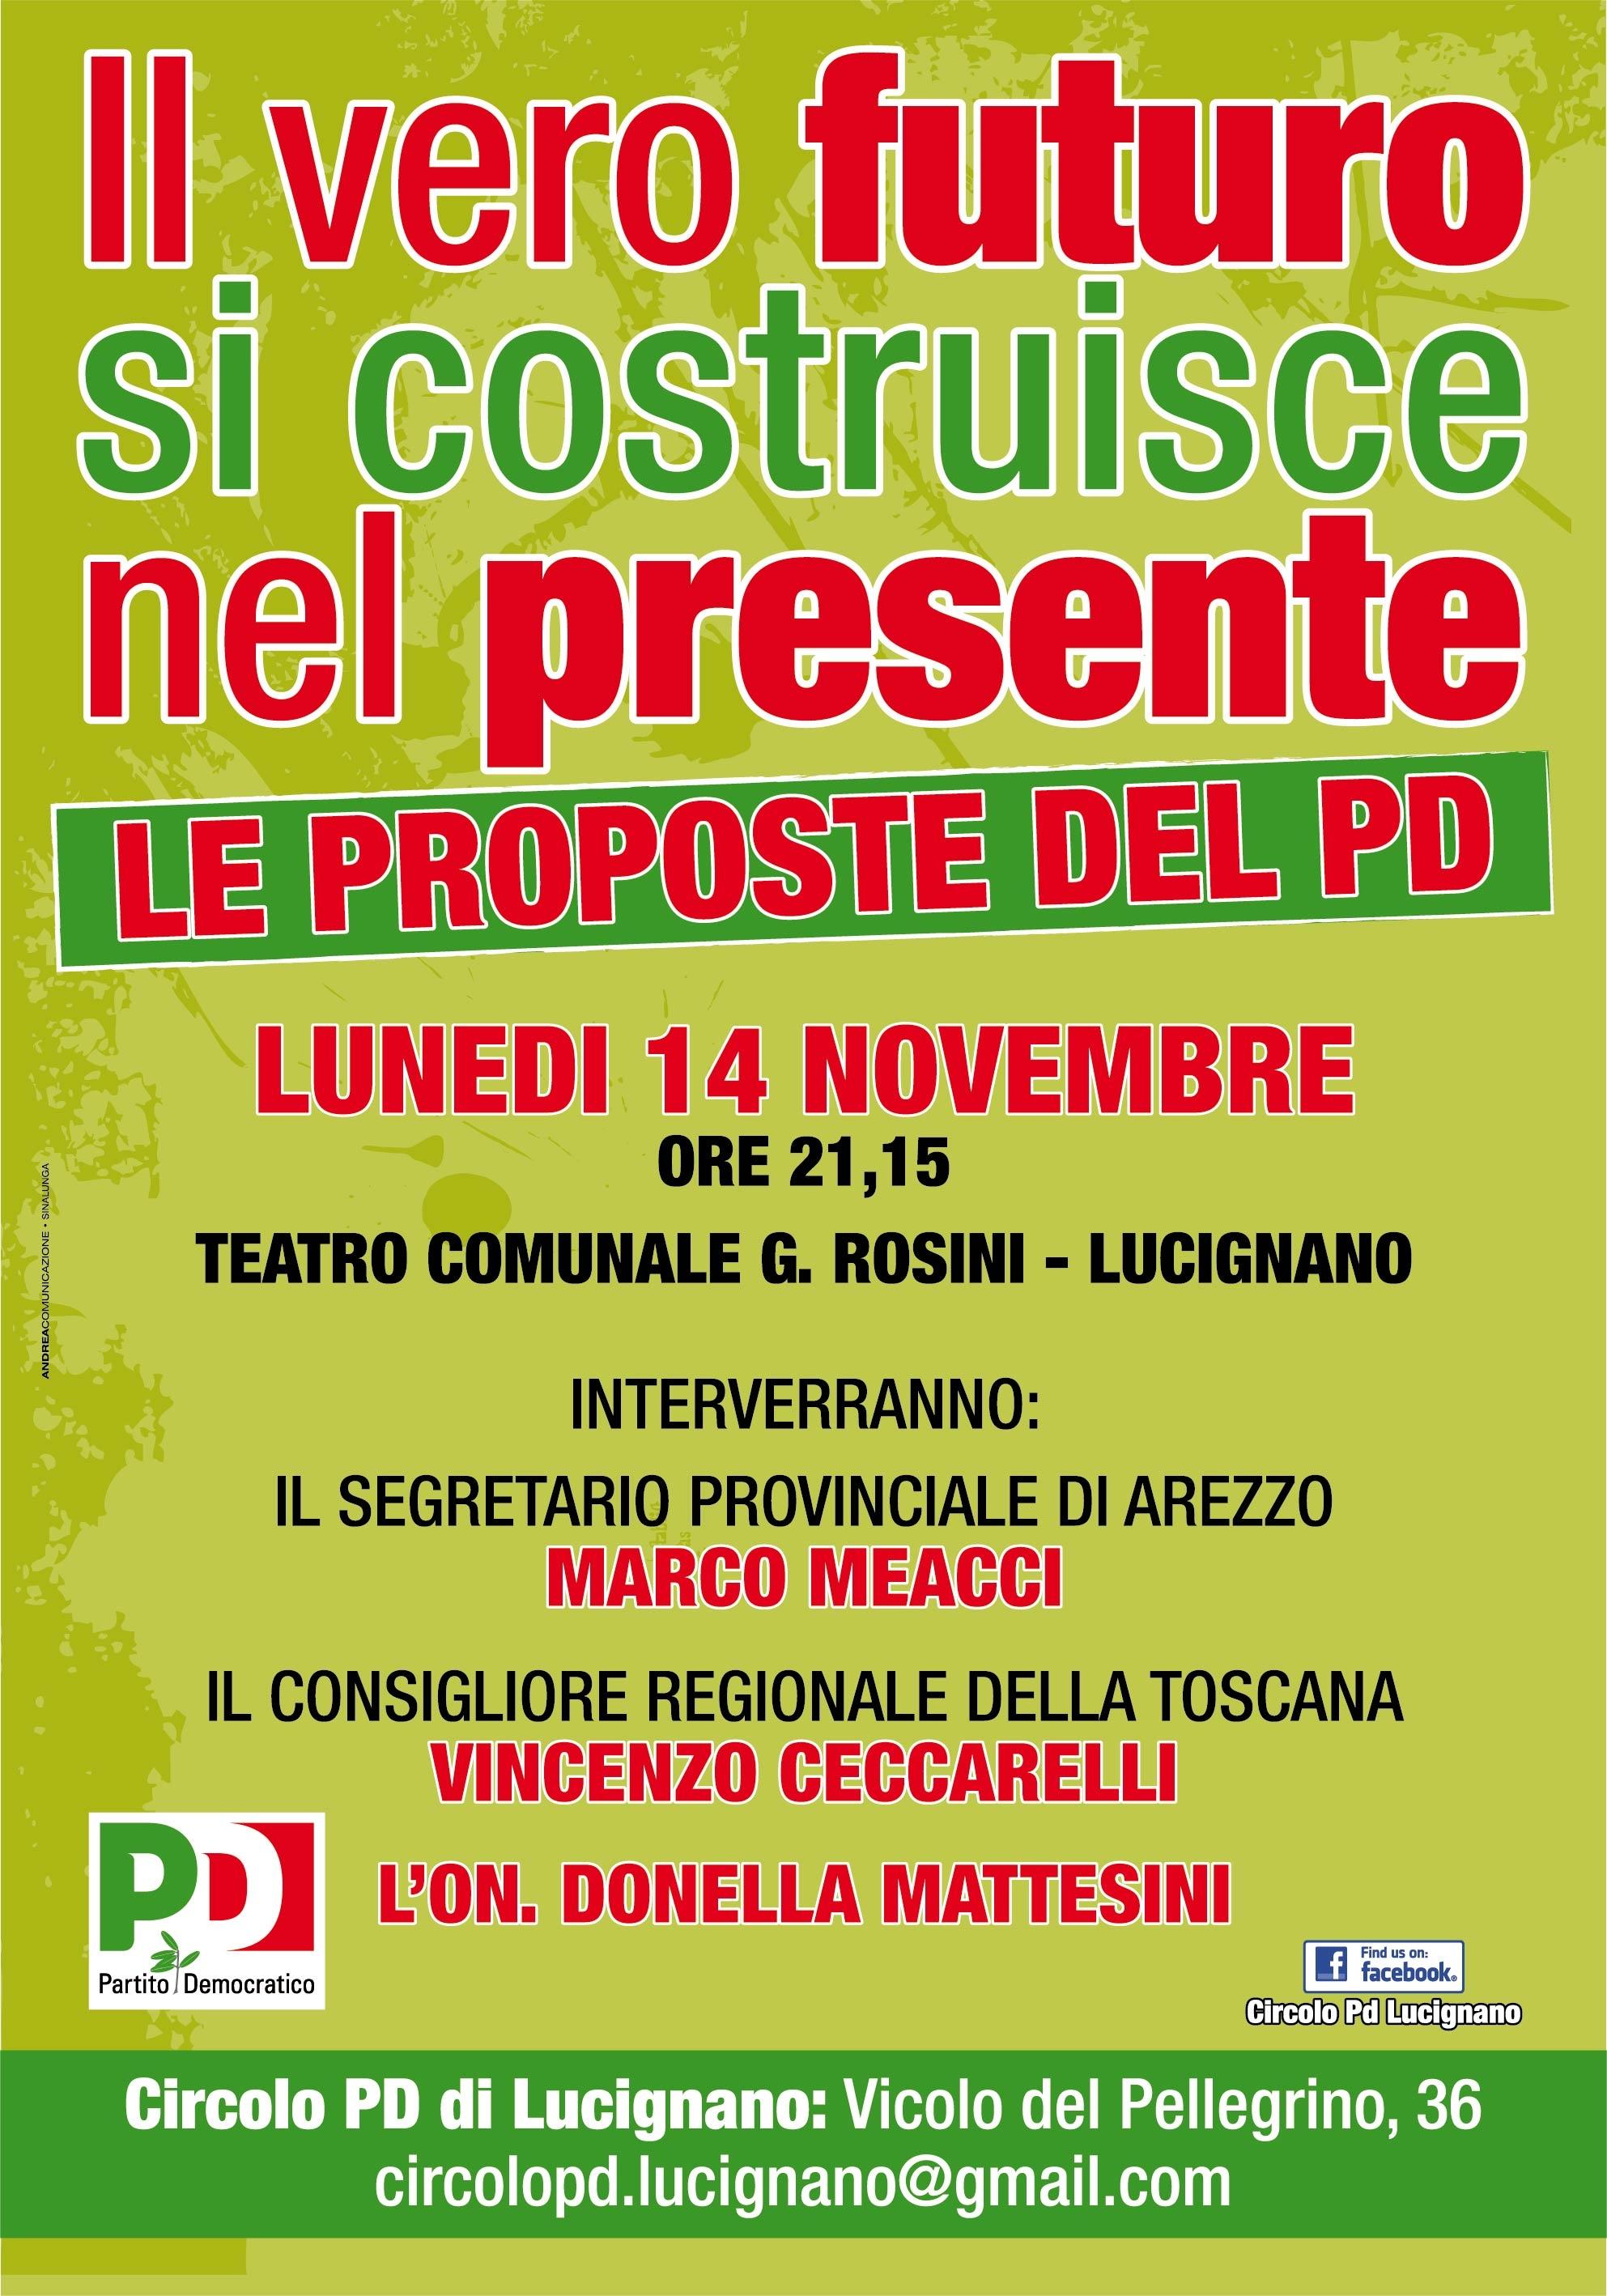 Le proposte del PD per il paese: iniziativa a Lucignano